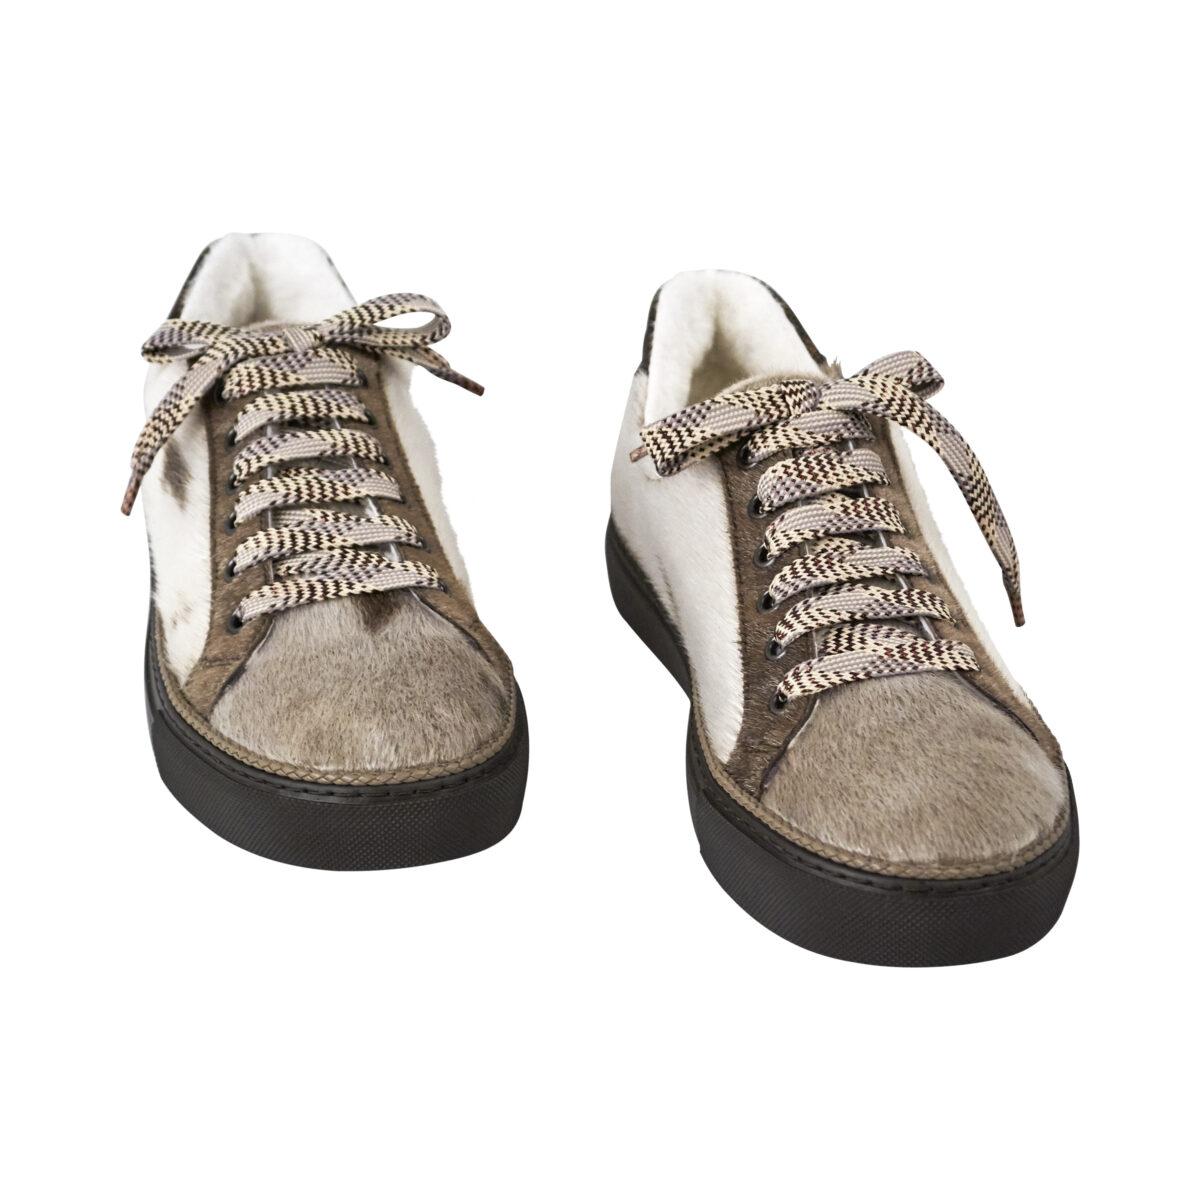 Vans / Sneakers i sælskind